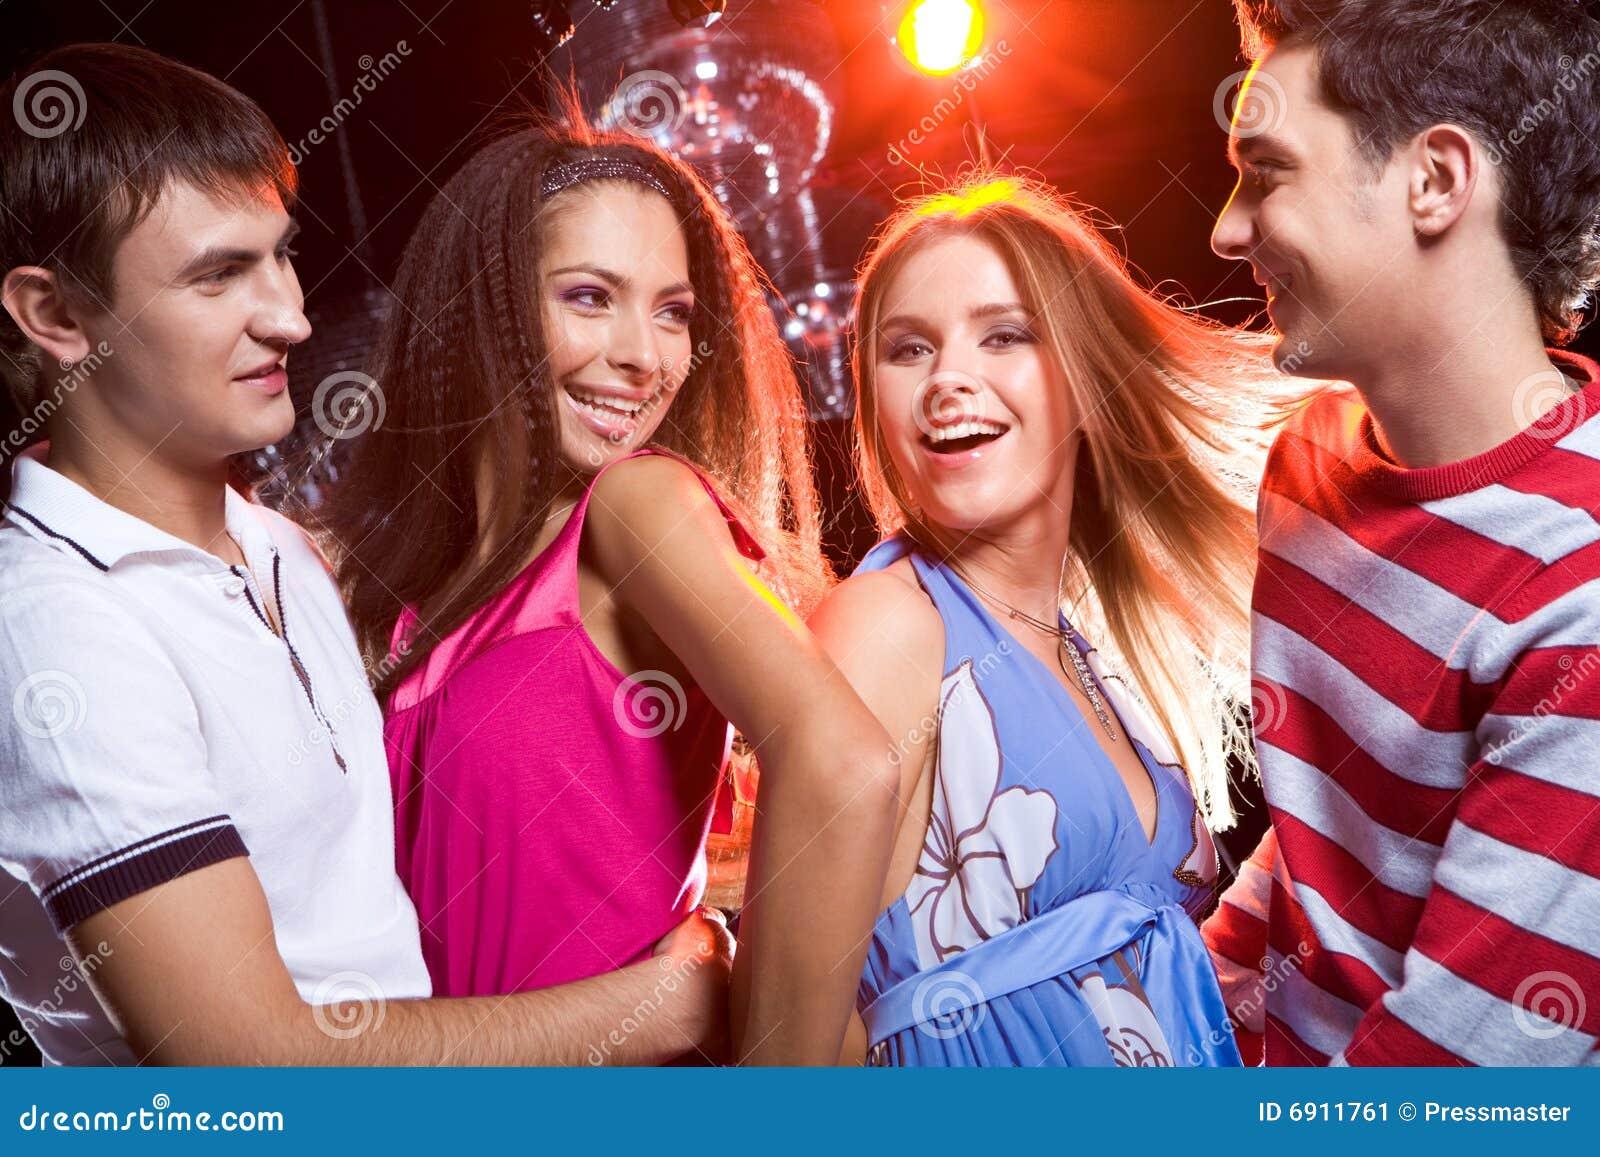 Секс в клубе спб 21 фотография